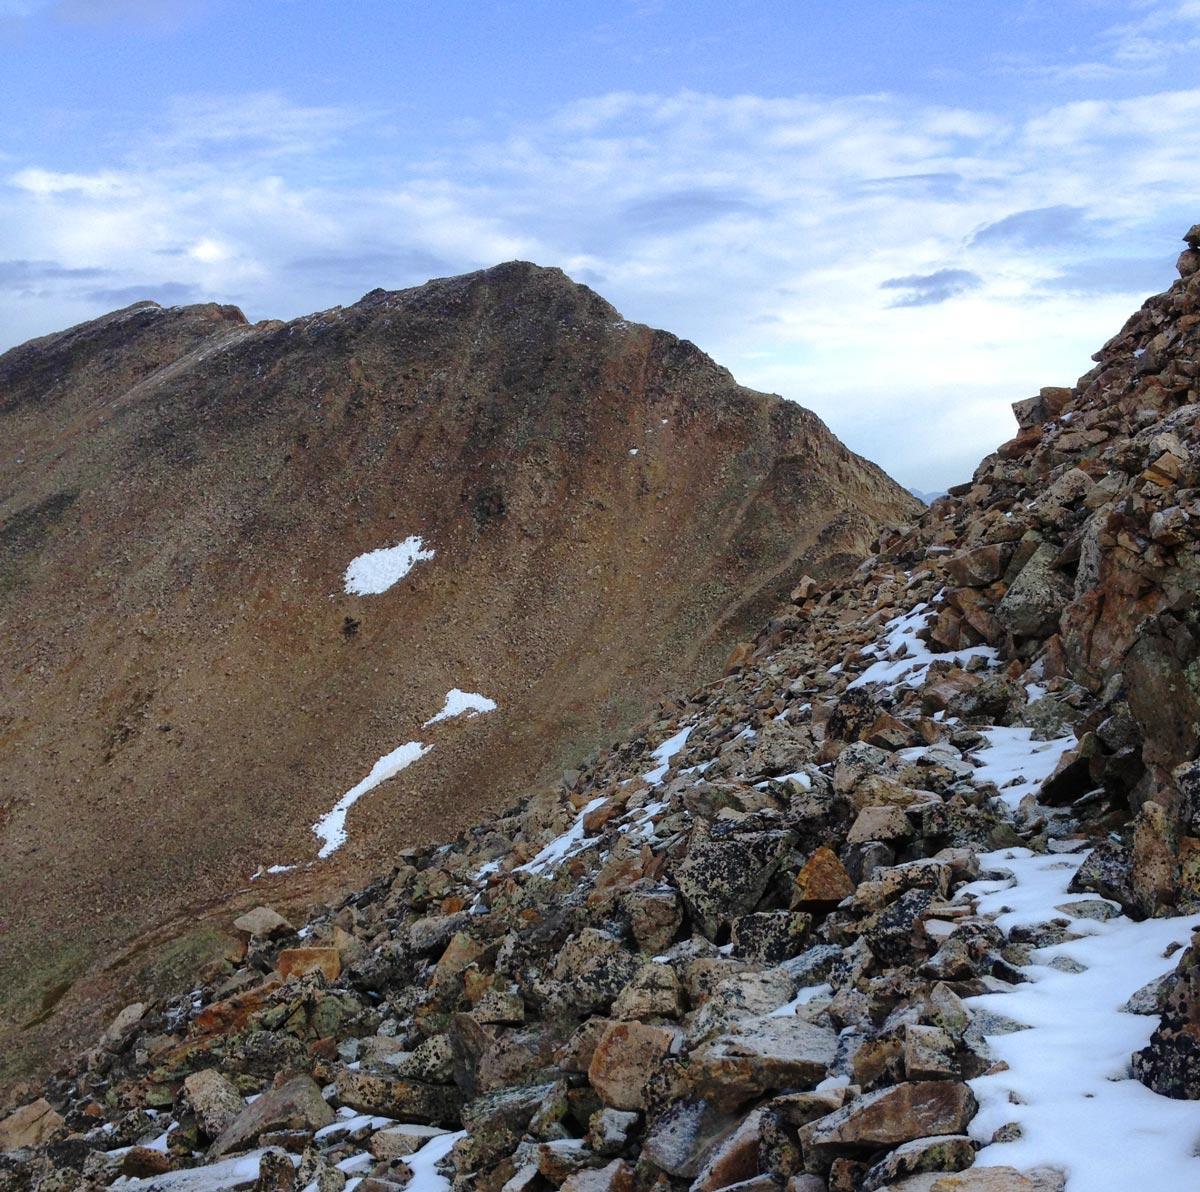 Mount Arkansas - 13,795